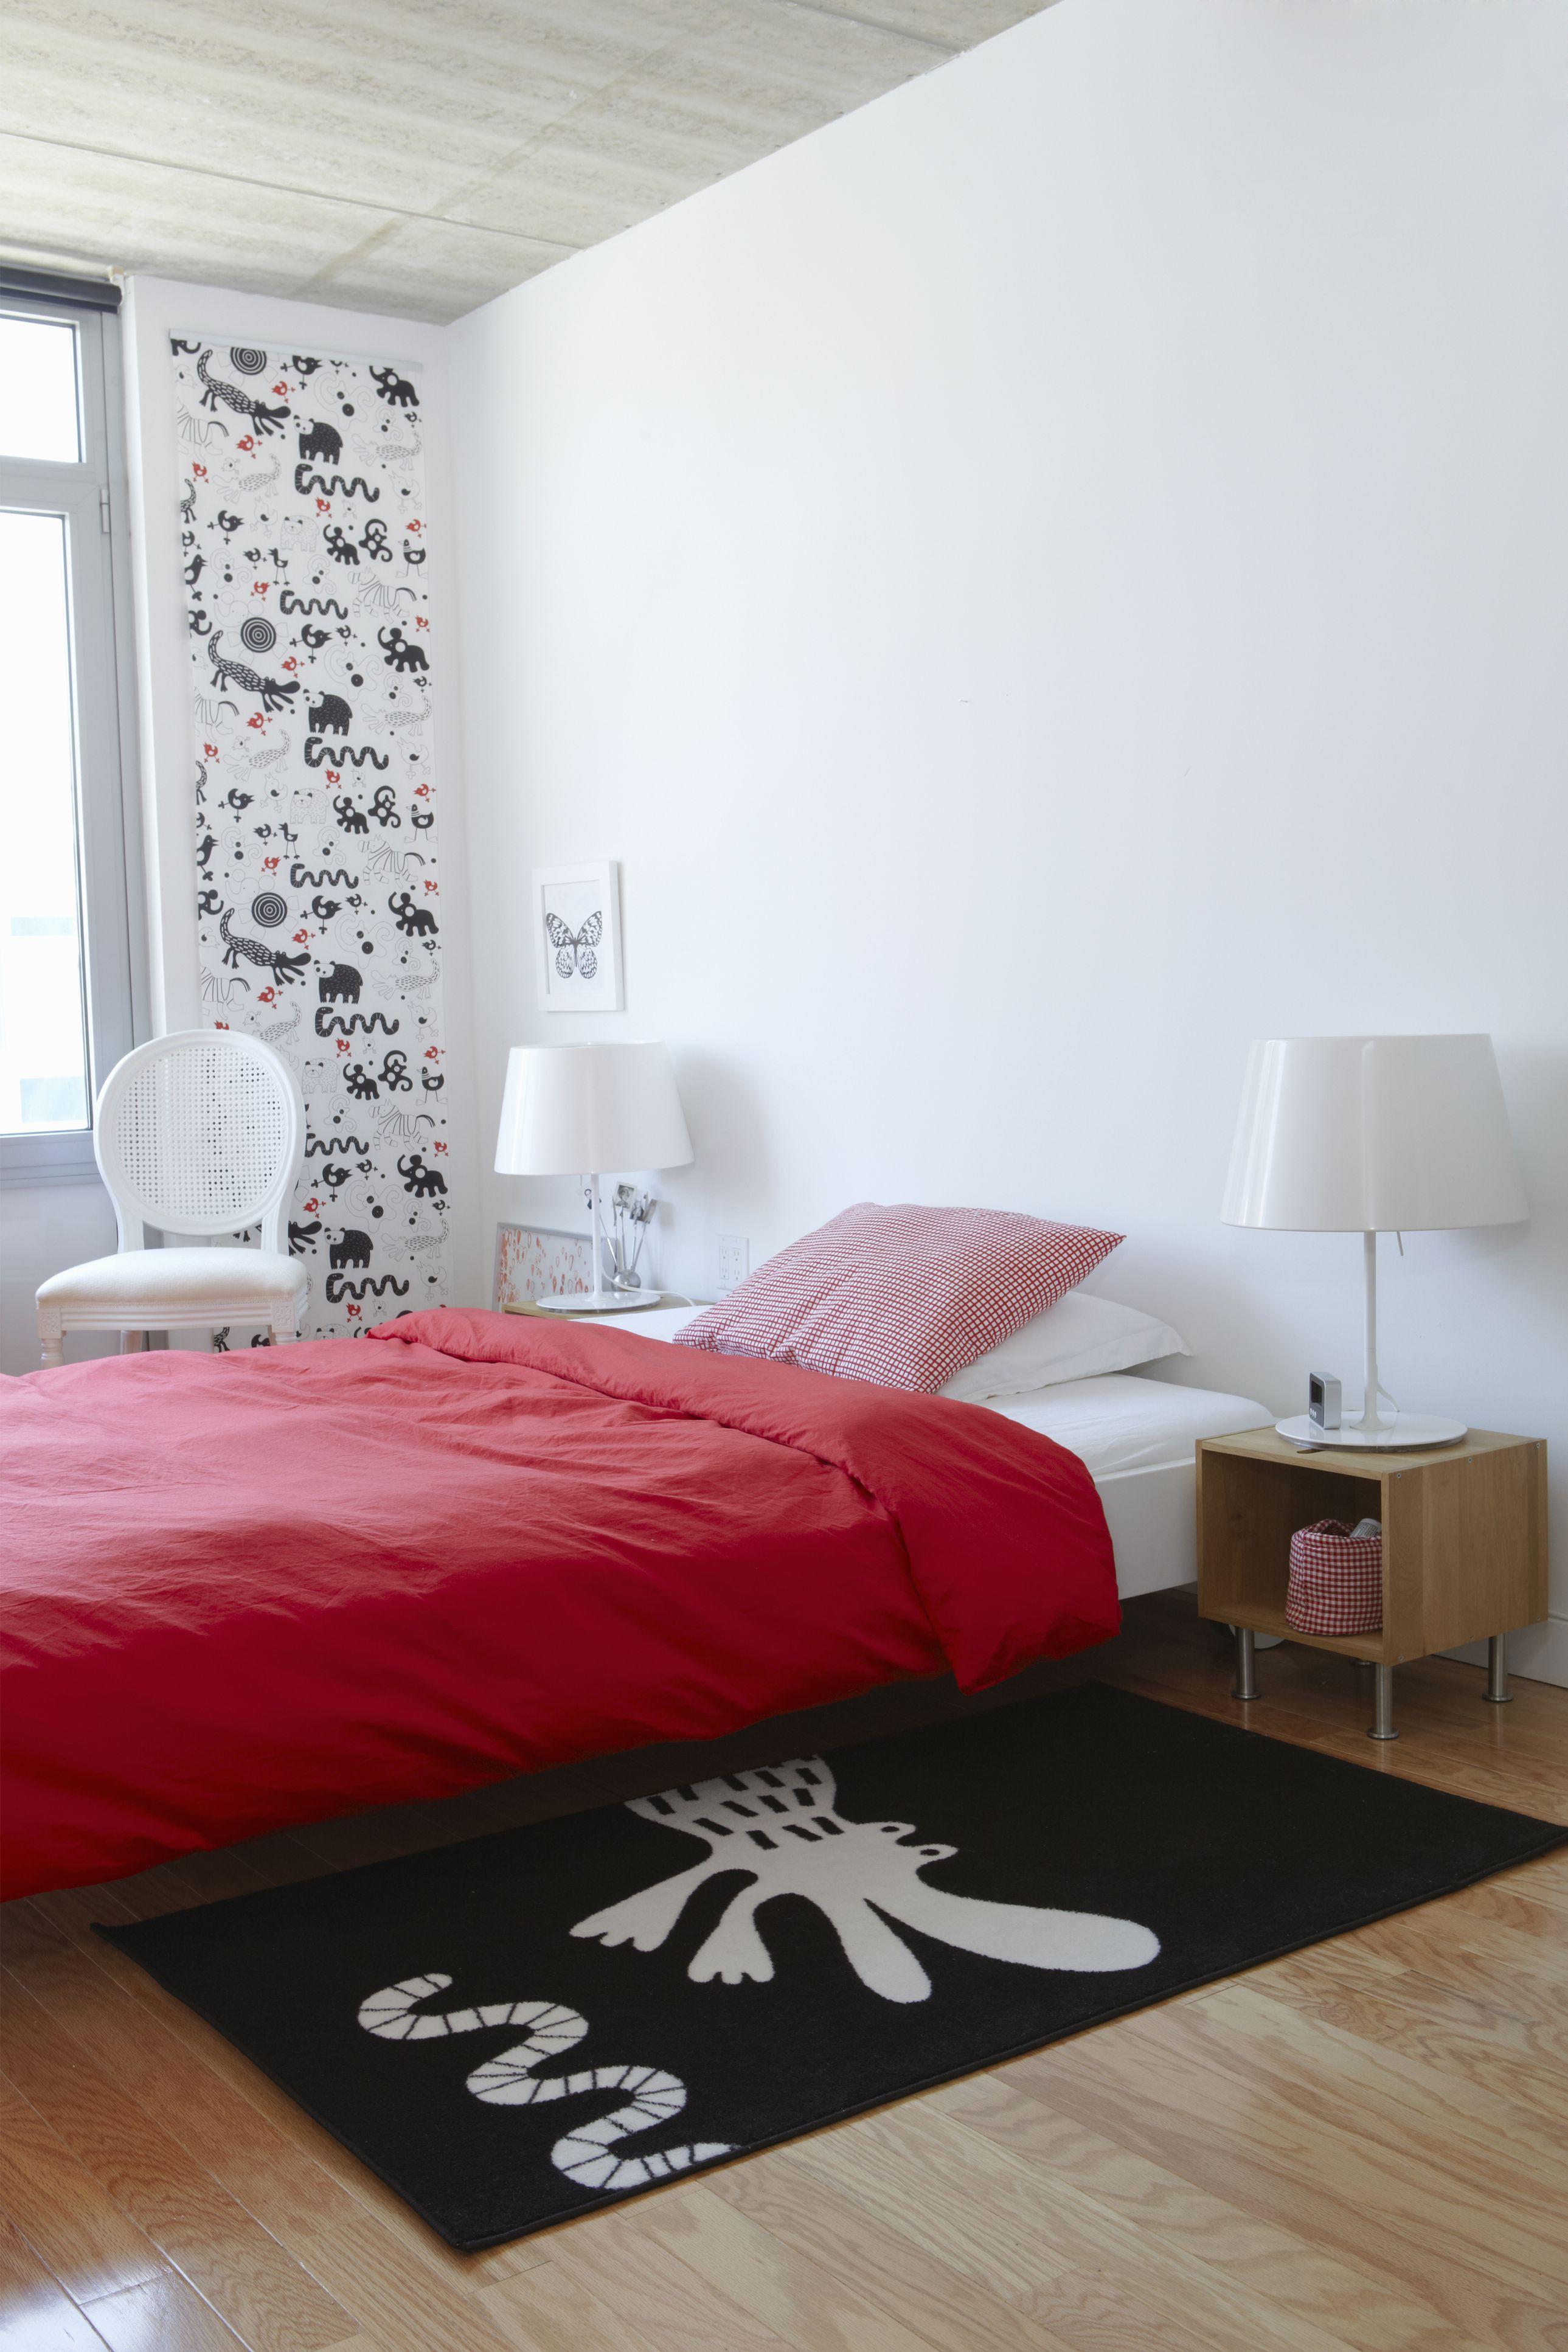 Consejos para decorar el cuarto de un adolescente - Como decorar un cuarto ...